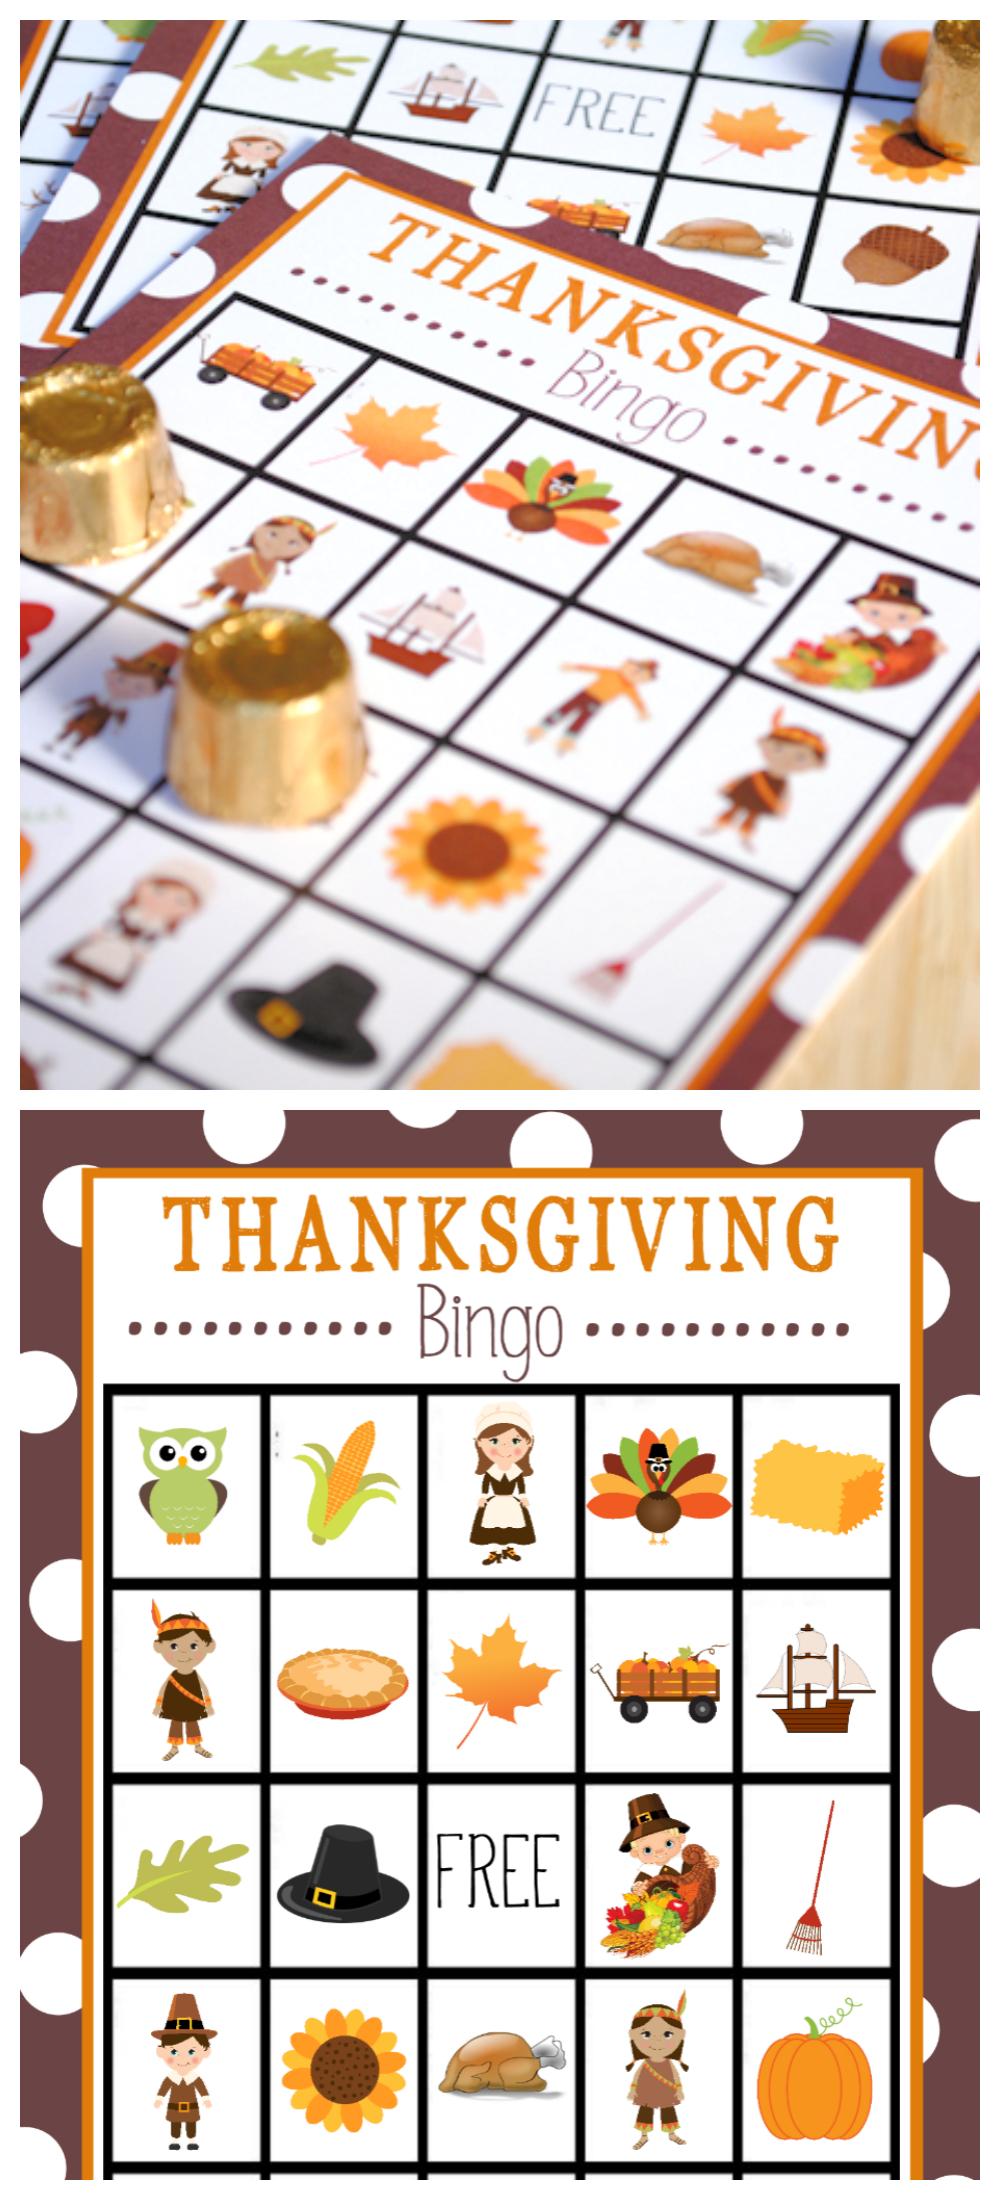 Free Printable Thanksgiving Bingo Game | Thanksgiving | Thanksgiving - Free Printable Thanksgiving Images